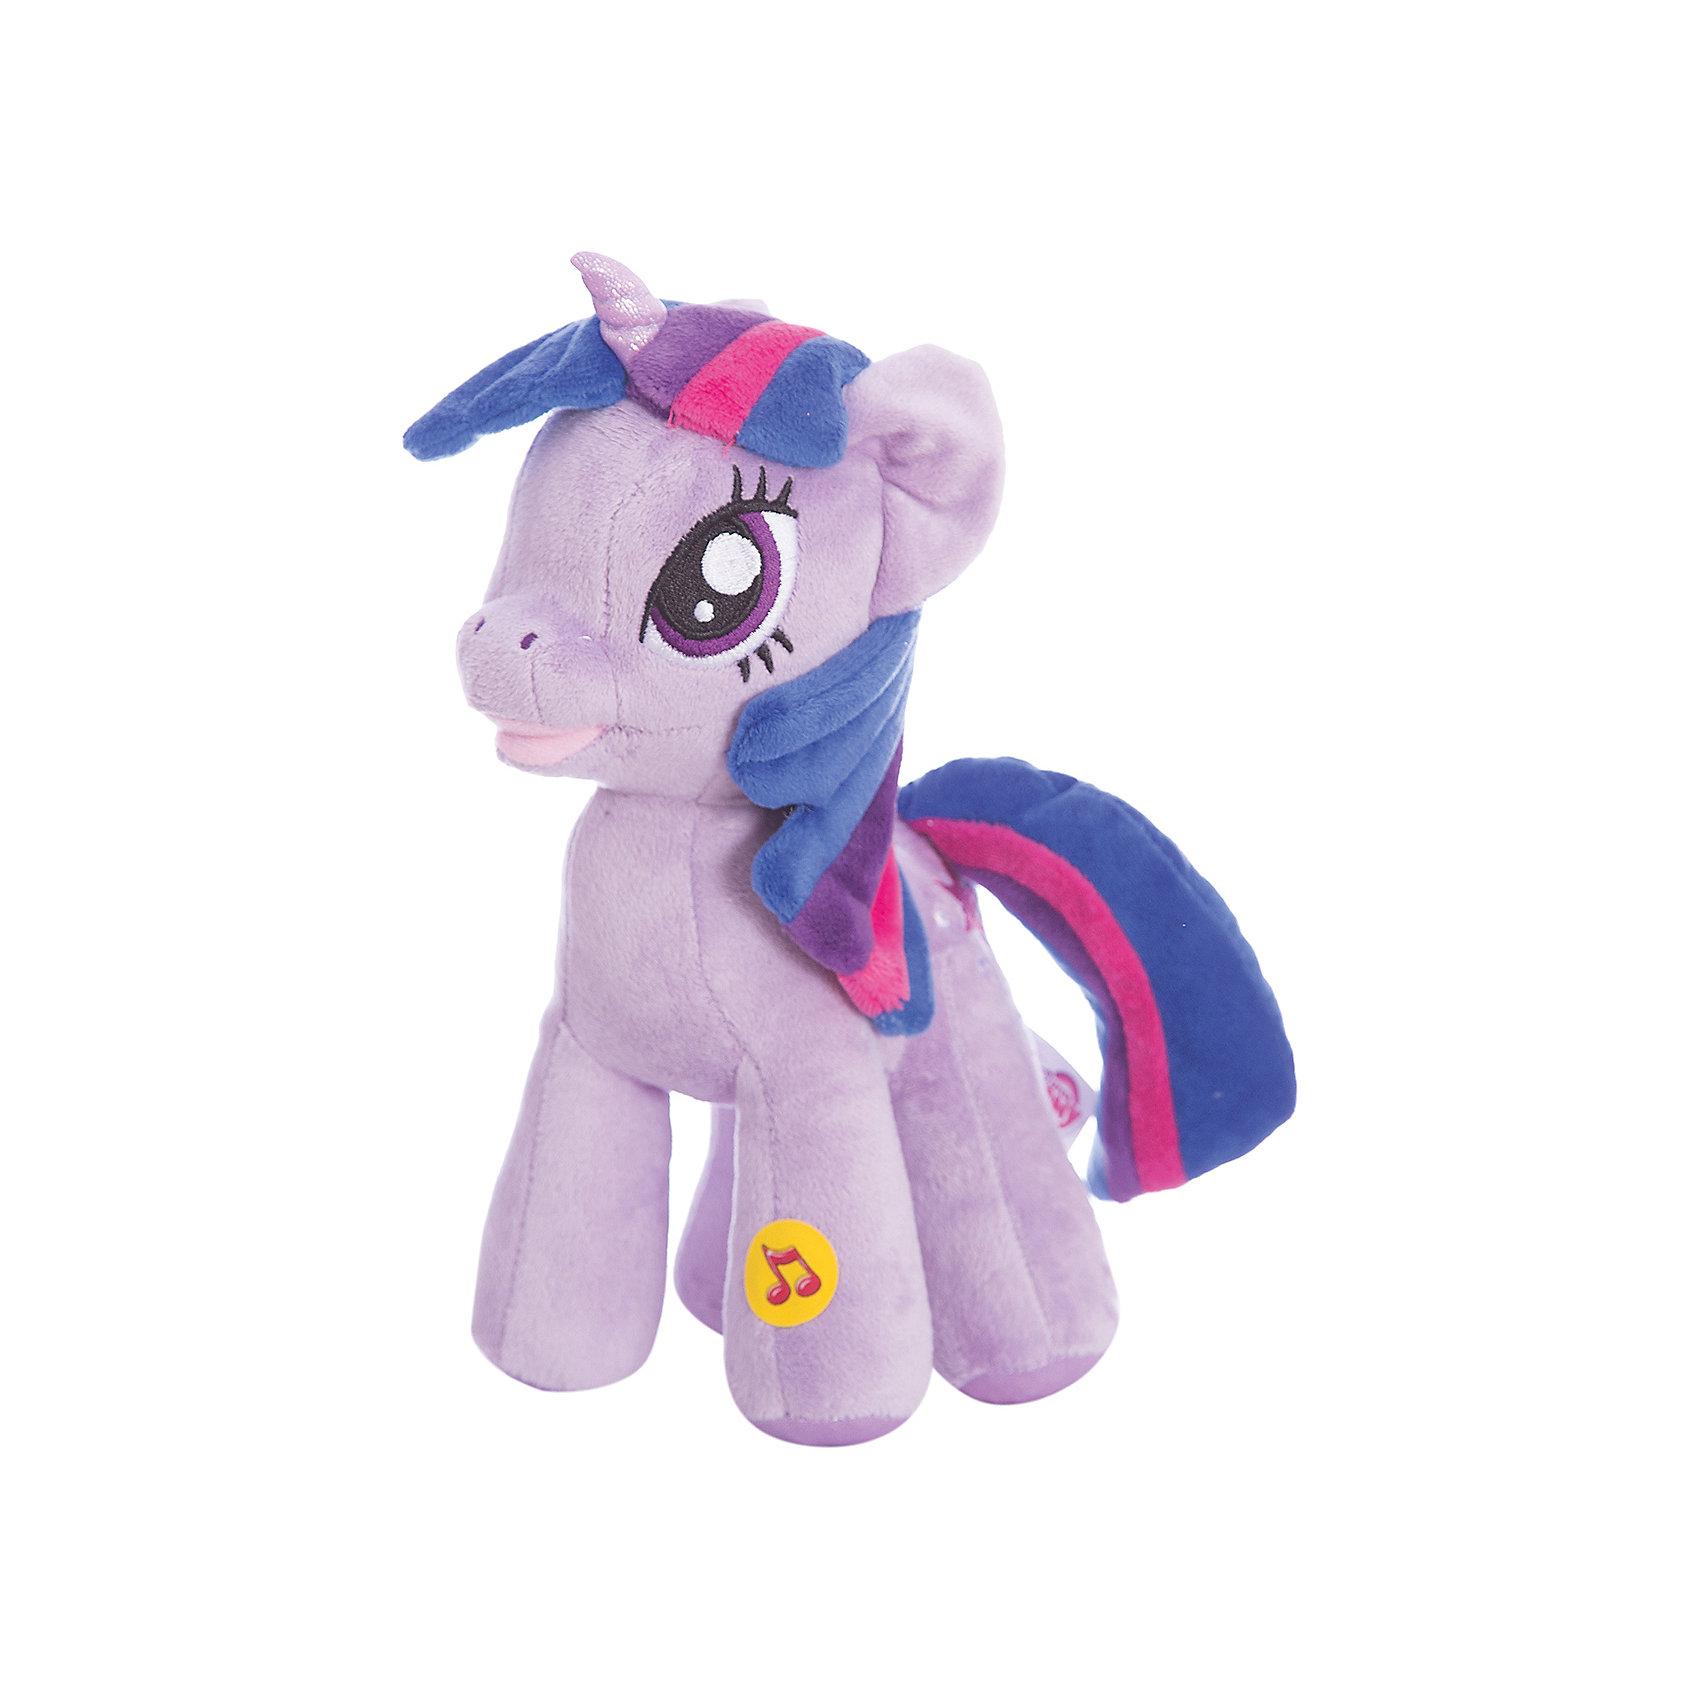 Мягкая игрушка Пони Искорка, со светом и звуком, My little Pony, МУЛЬТИ-ПУЛЬТИМягкая игрушка Мульти-Пульти пони Искорка из мультсериала My Little Pony станет замечательным подарком для Вашей девочки. Пони Искорка из волшебного королевства очень красива, у нее разноцветная грива и хвост, игрушка очень мягкая и приятная на ощупь. Если нажать ей на ножку, то она заговорит или будет петь песню из мультика, игрушка также обладает световым эффектом. <br><br>Дополнительная информация:<br><br>- Материал: текстиль, синтепон.<br>- Требуются батарейки: 3 * LR44 (входят в комплект).<br>- Размер: 23 см.<br>- Вес: 0,23 кг.<br><br>Мягкую игрушку Пони Искорка (My little Pony) от Мульти-Пульти можно купить в нашем магазине.<br><br>Ширина мм: 120<br>Глубина мм: 240<br>Высота мм: 340<br>Вес г: 292<br>Возраст от месяцев: 24<br>Возраст до месяцев: 1188<br>Пол: Унисекс<br>Возраст: Детский<br>SKU: 3384134